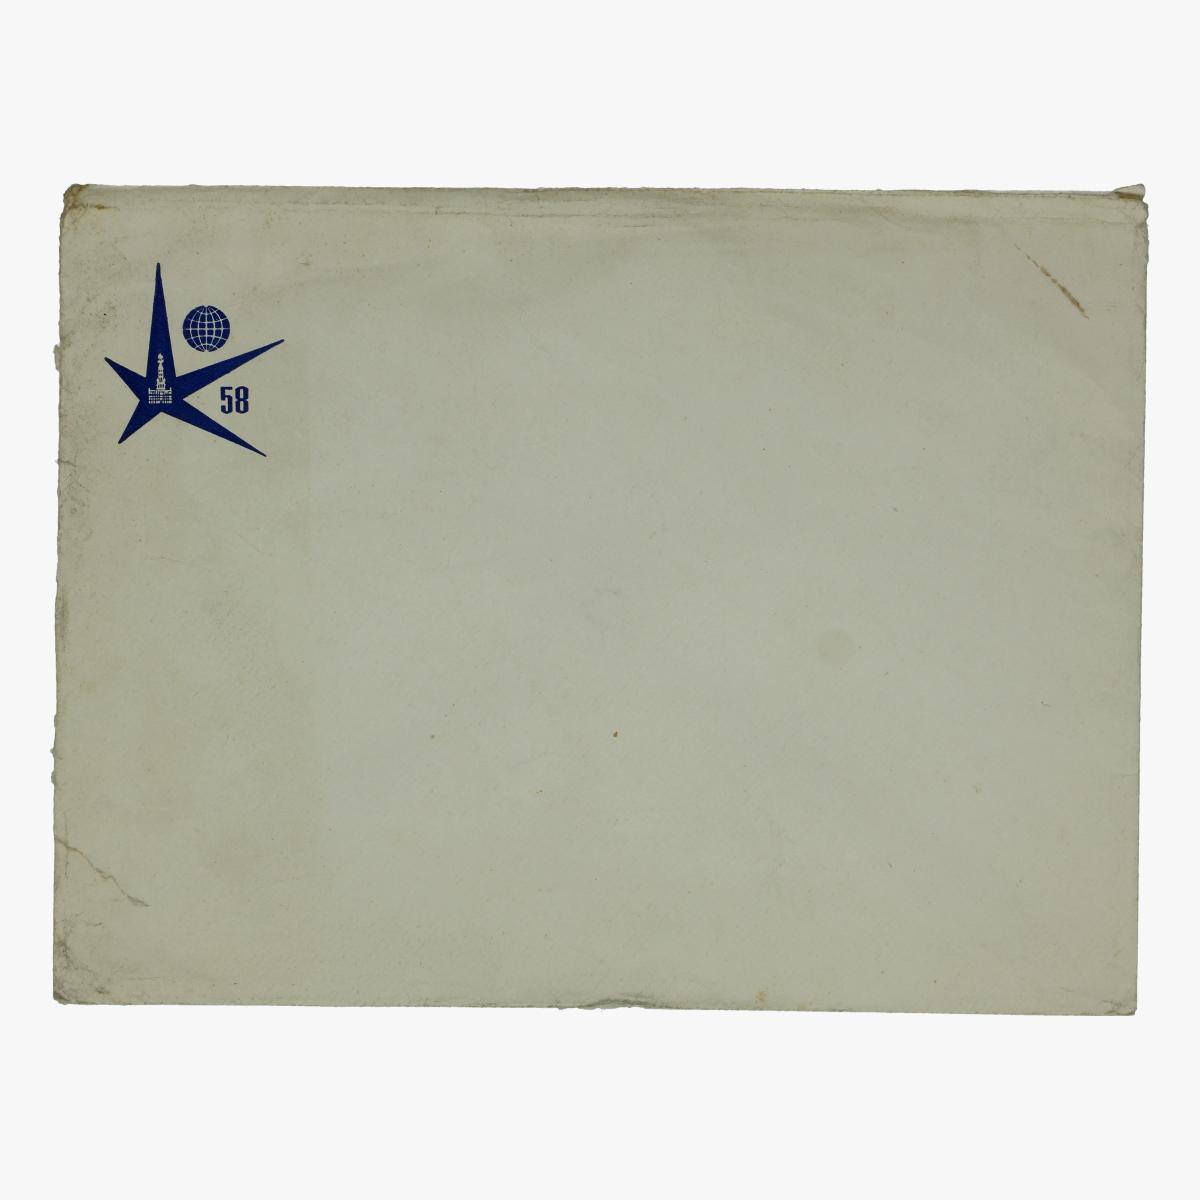 Afbeeldingen van envelop expo 58